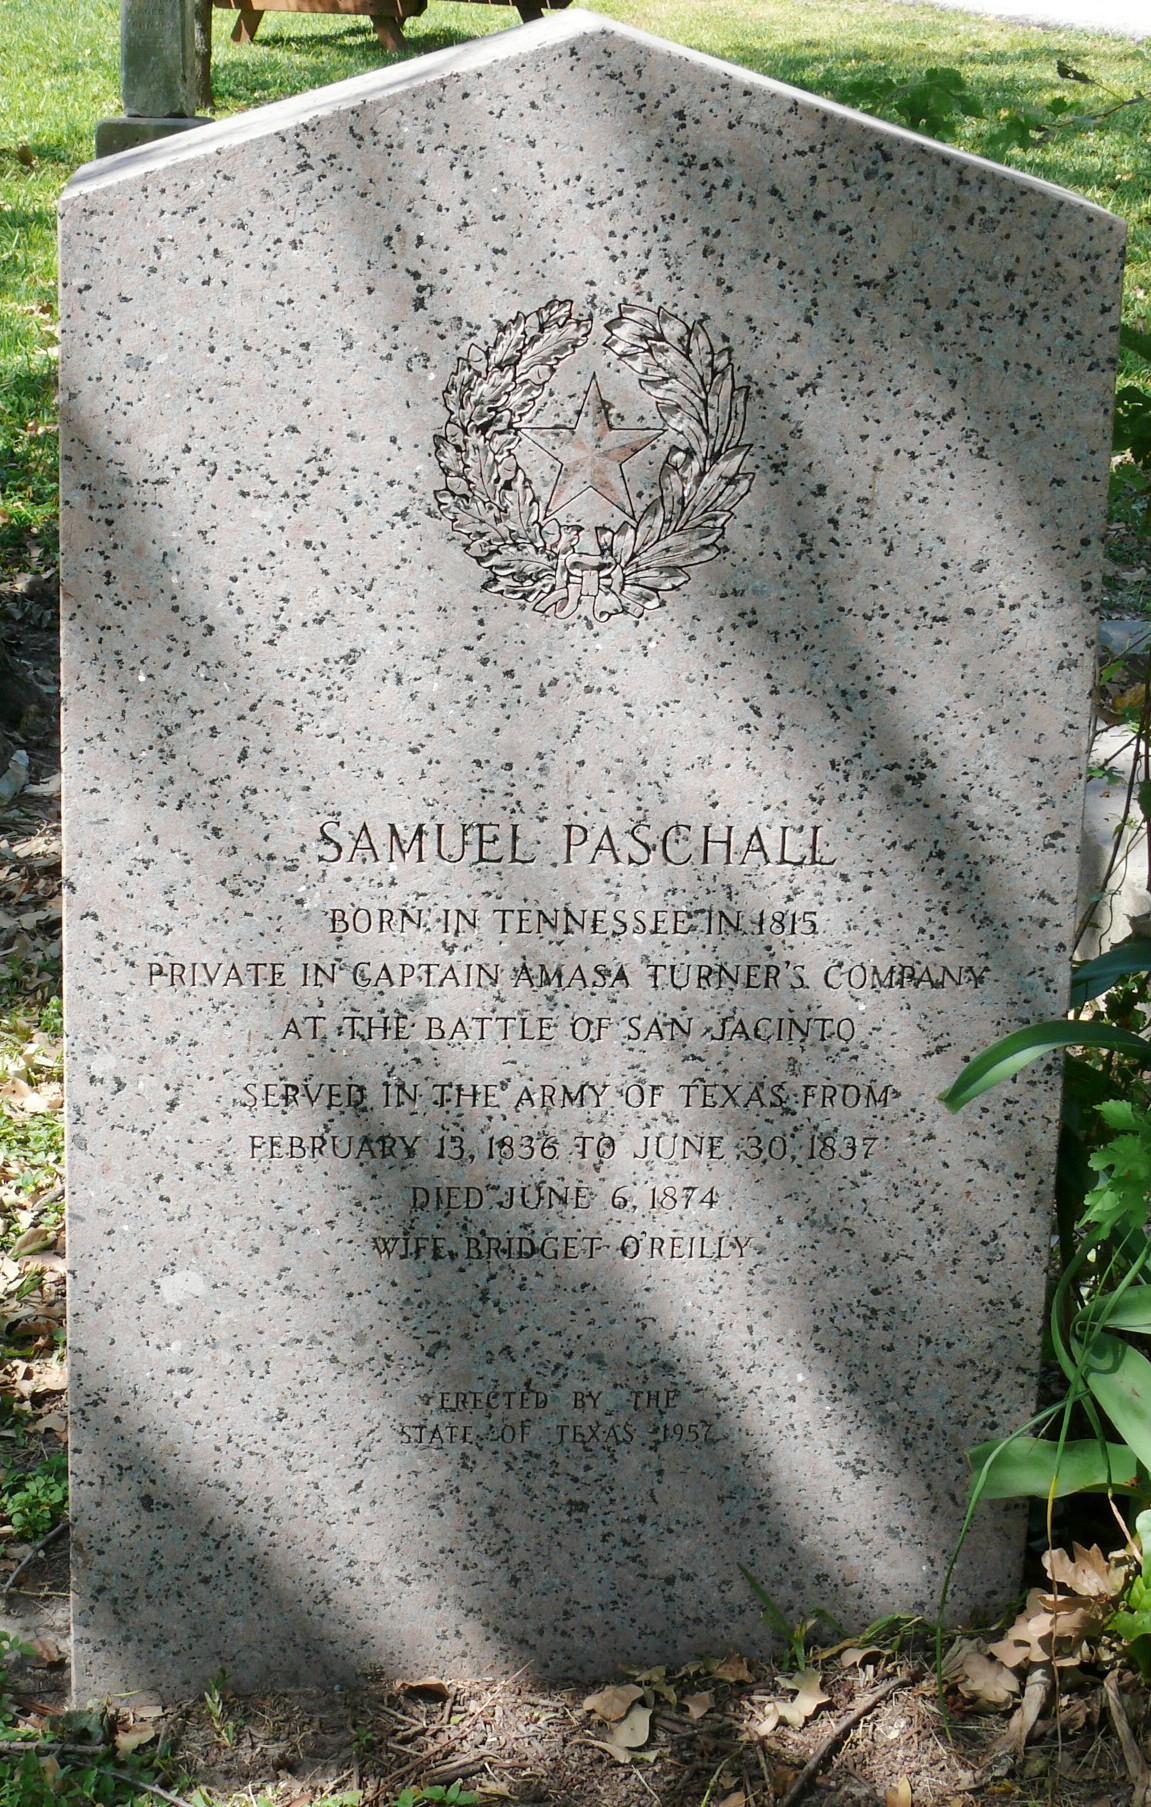 St. Vincent Paschall